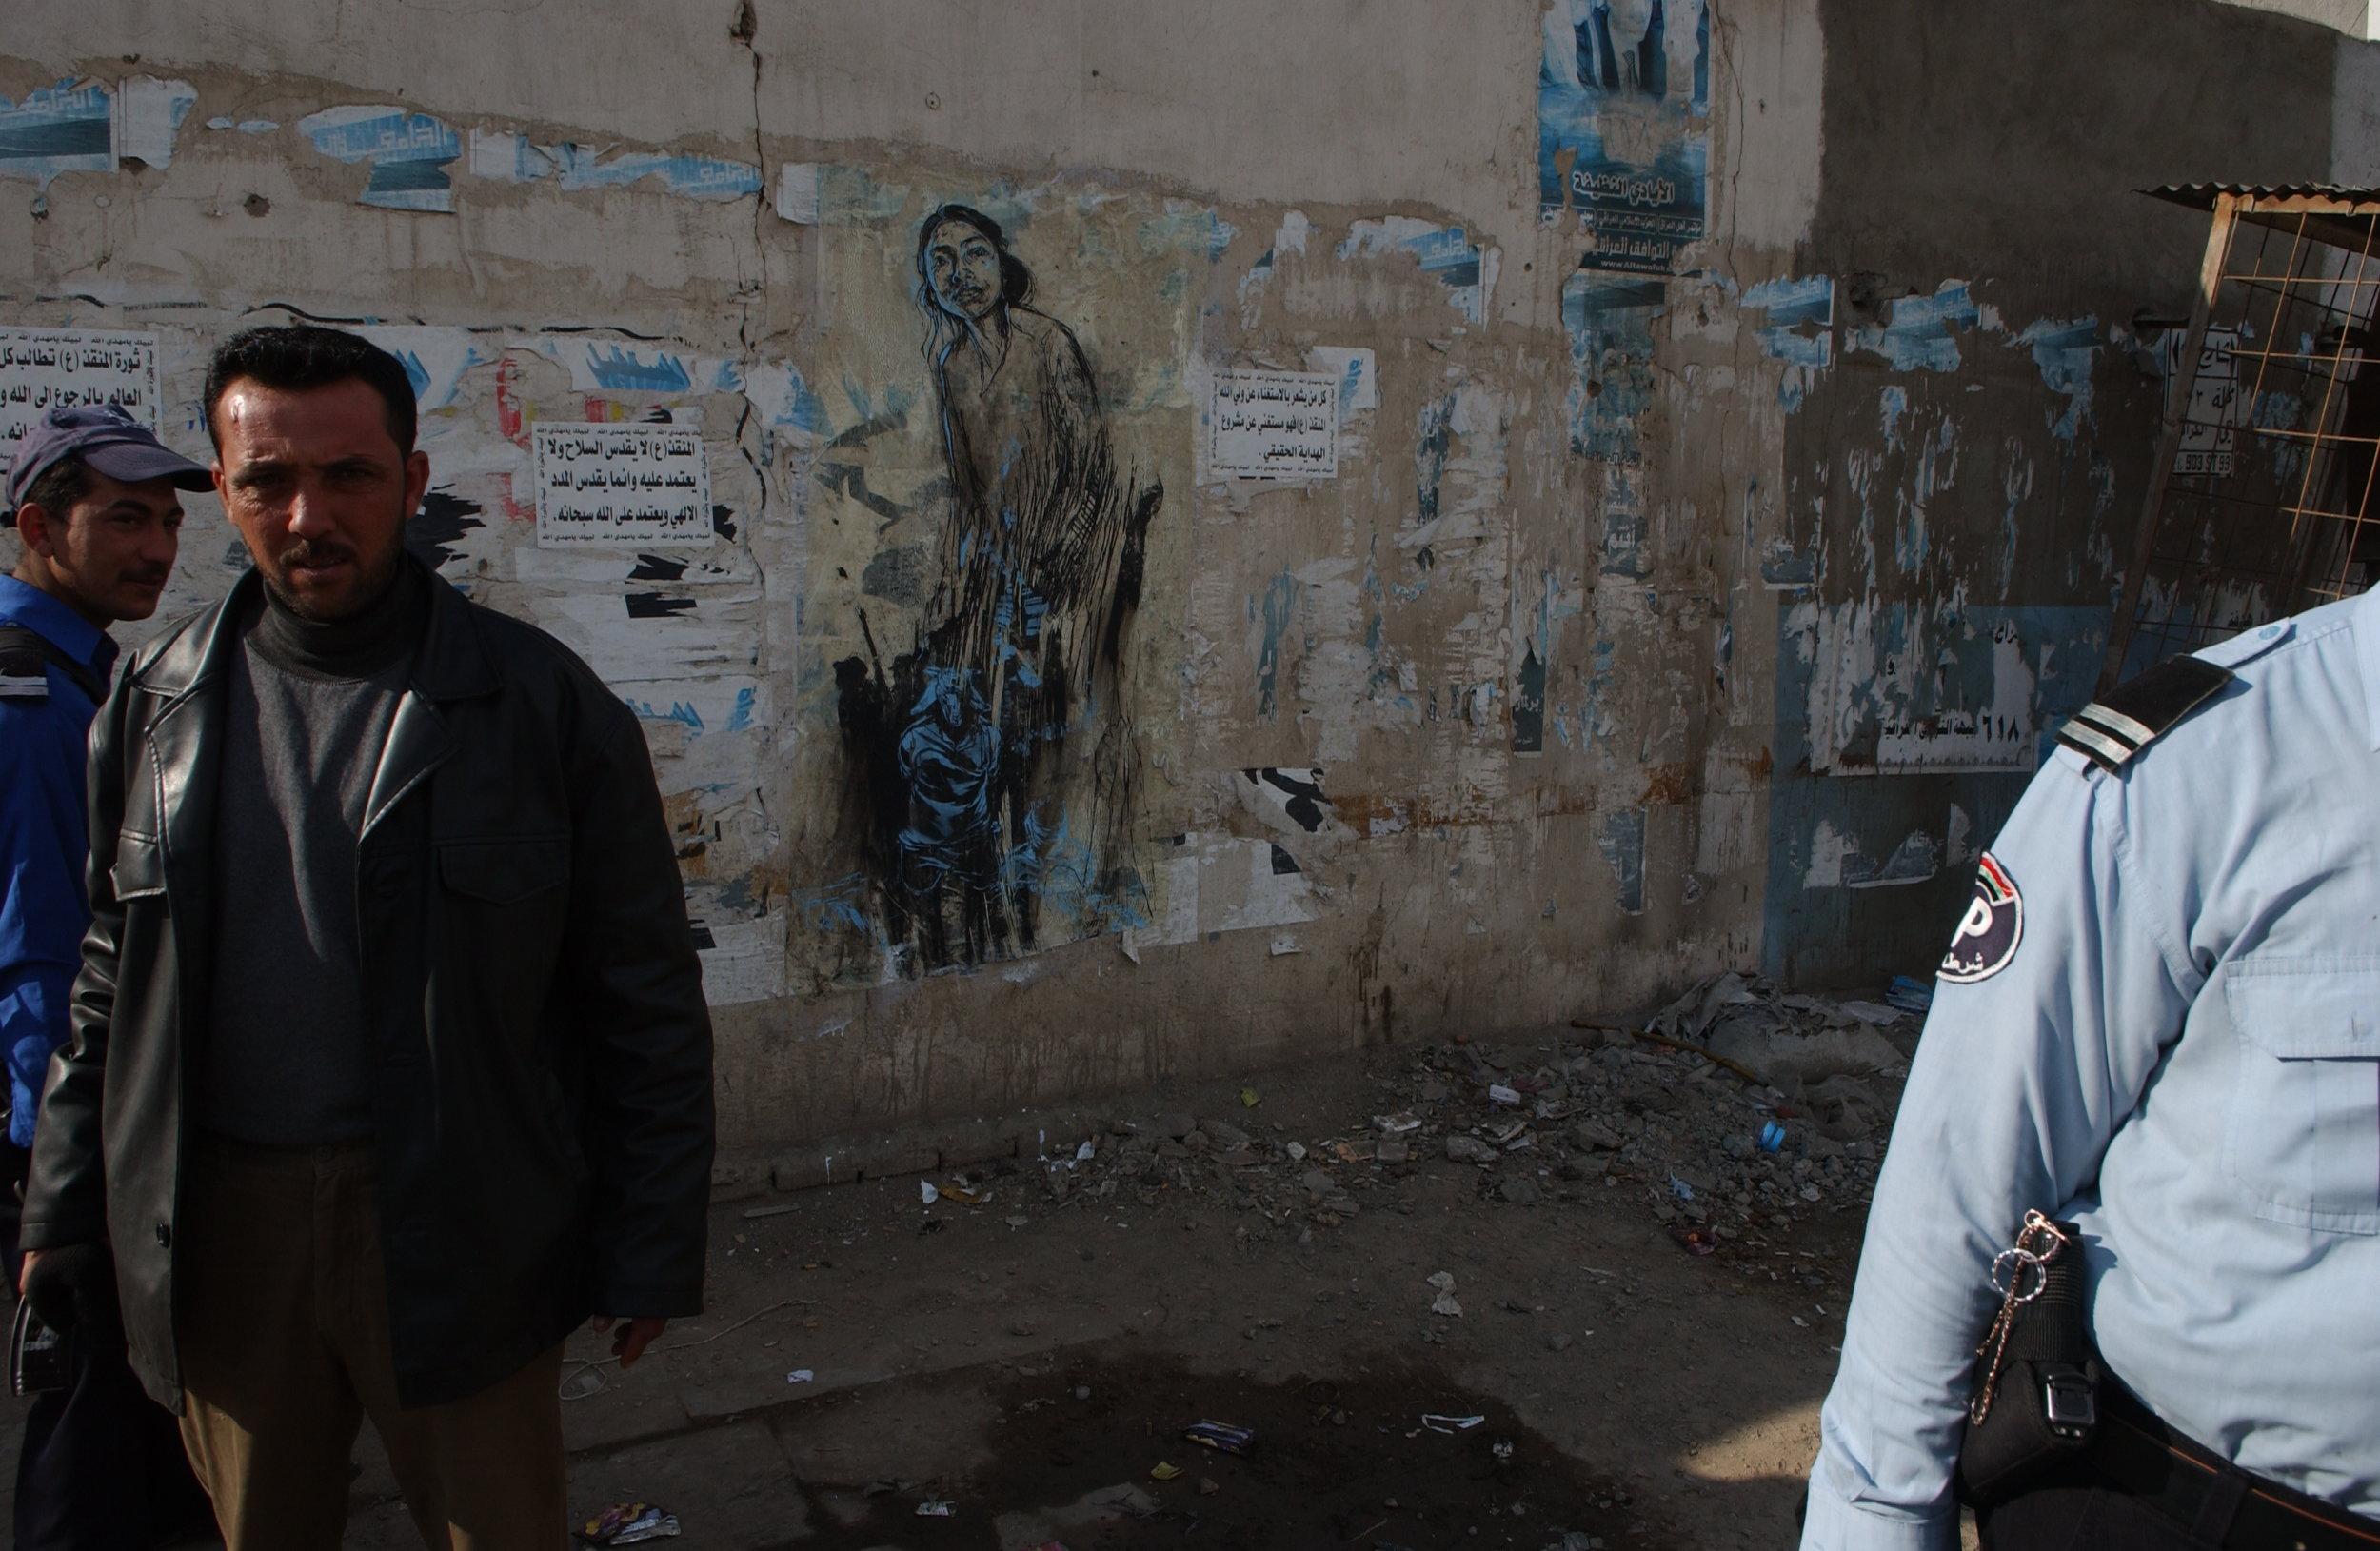 Baghdad, Iraq, 2007